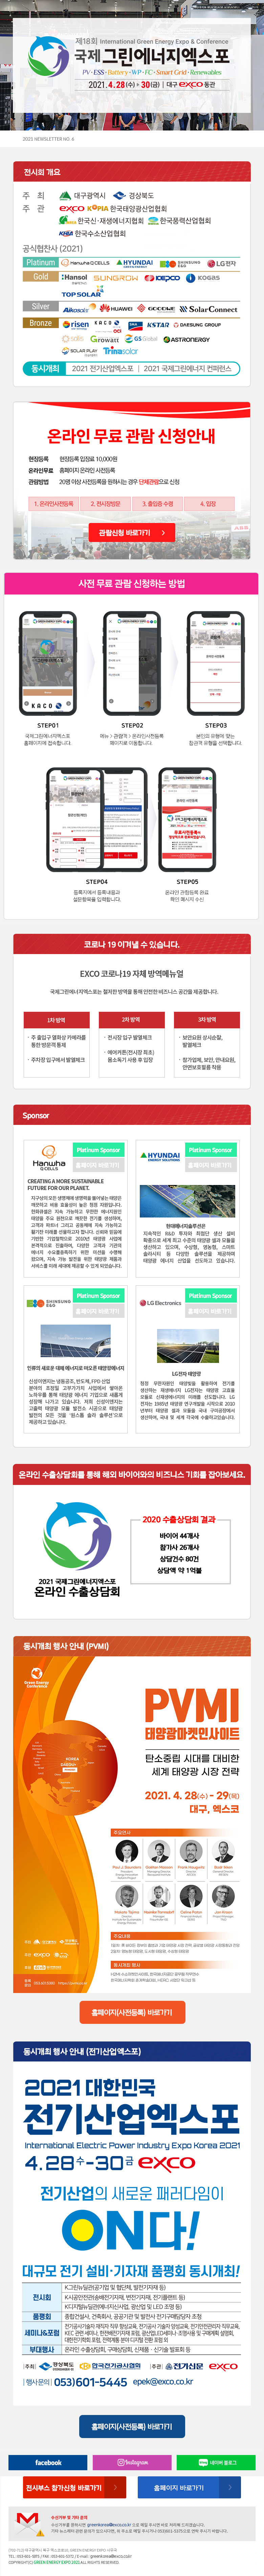 2021_newsletter_6-6.jpg